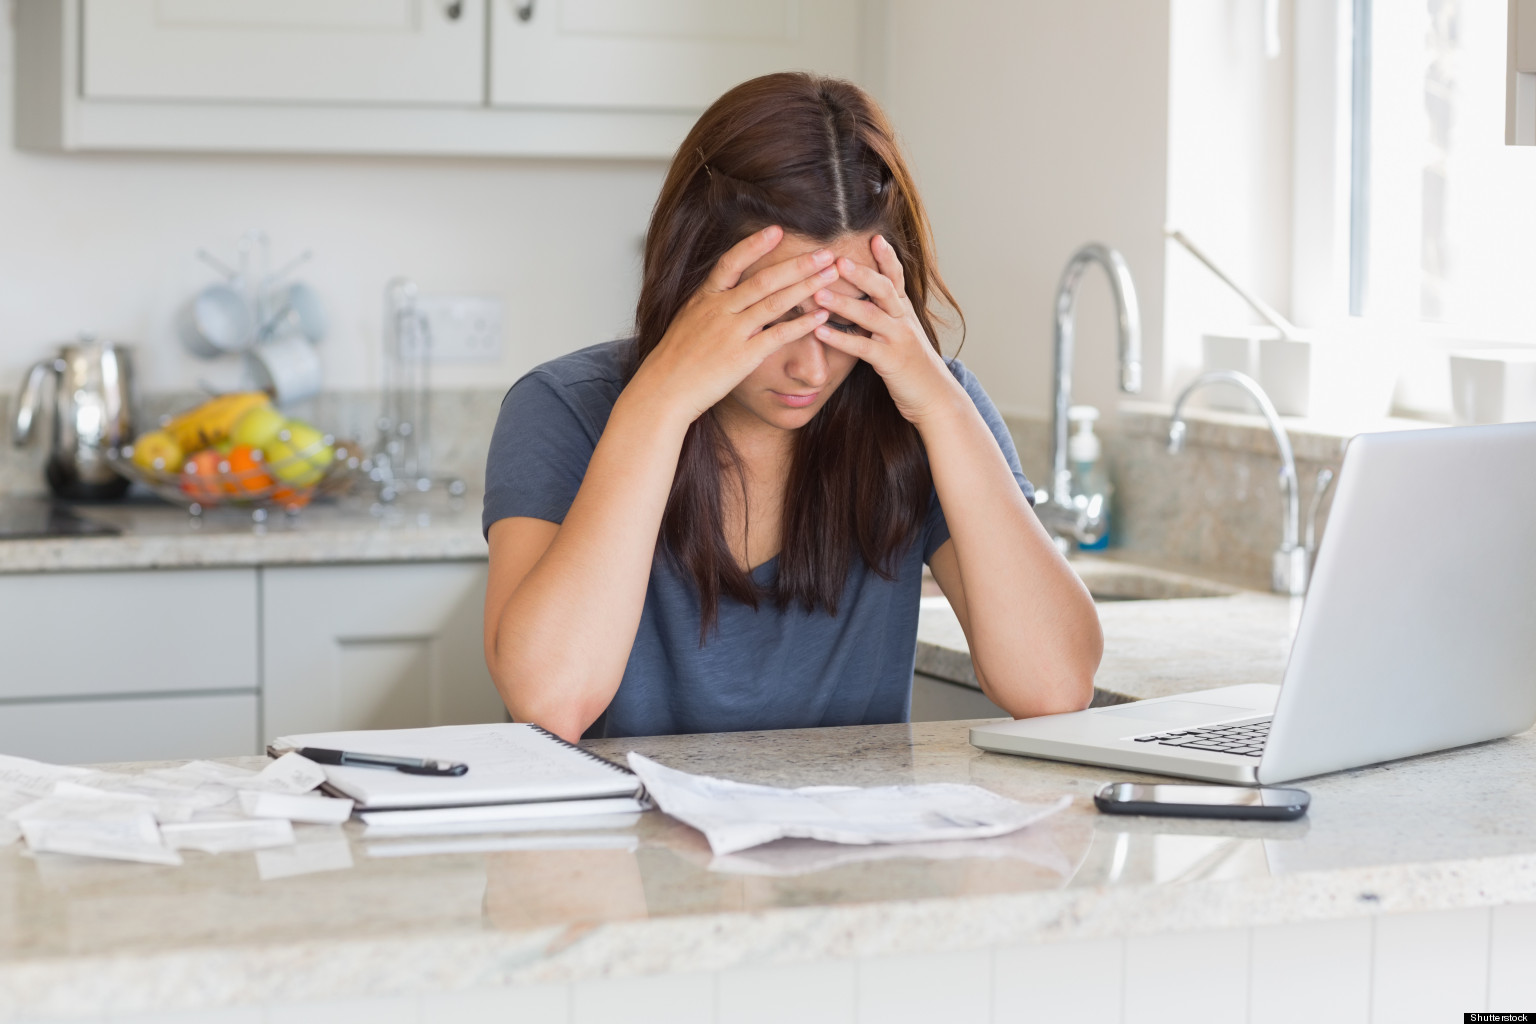 Préstamos personales con ASNEF de hasta 750 €